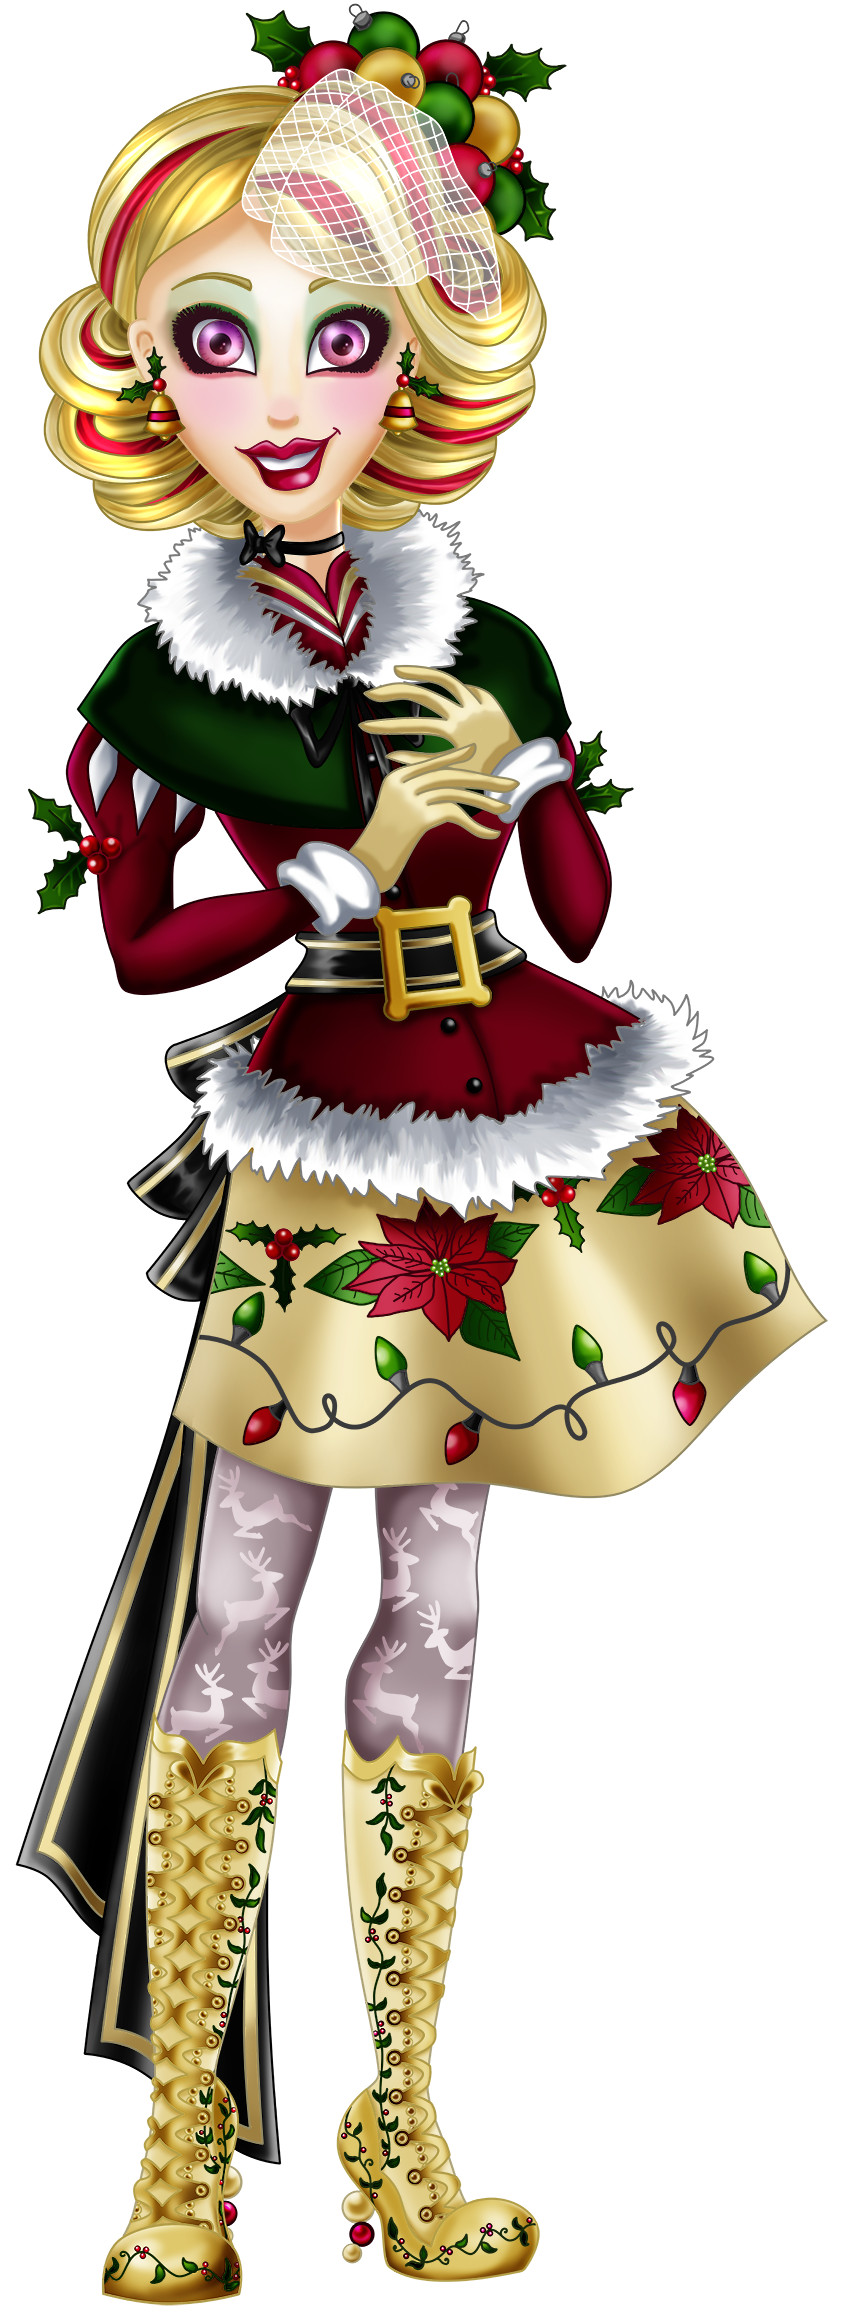 Destiny Claus 1